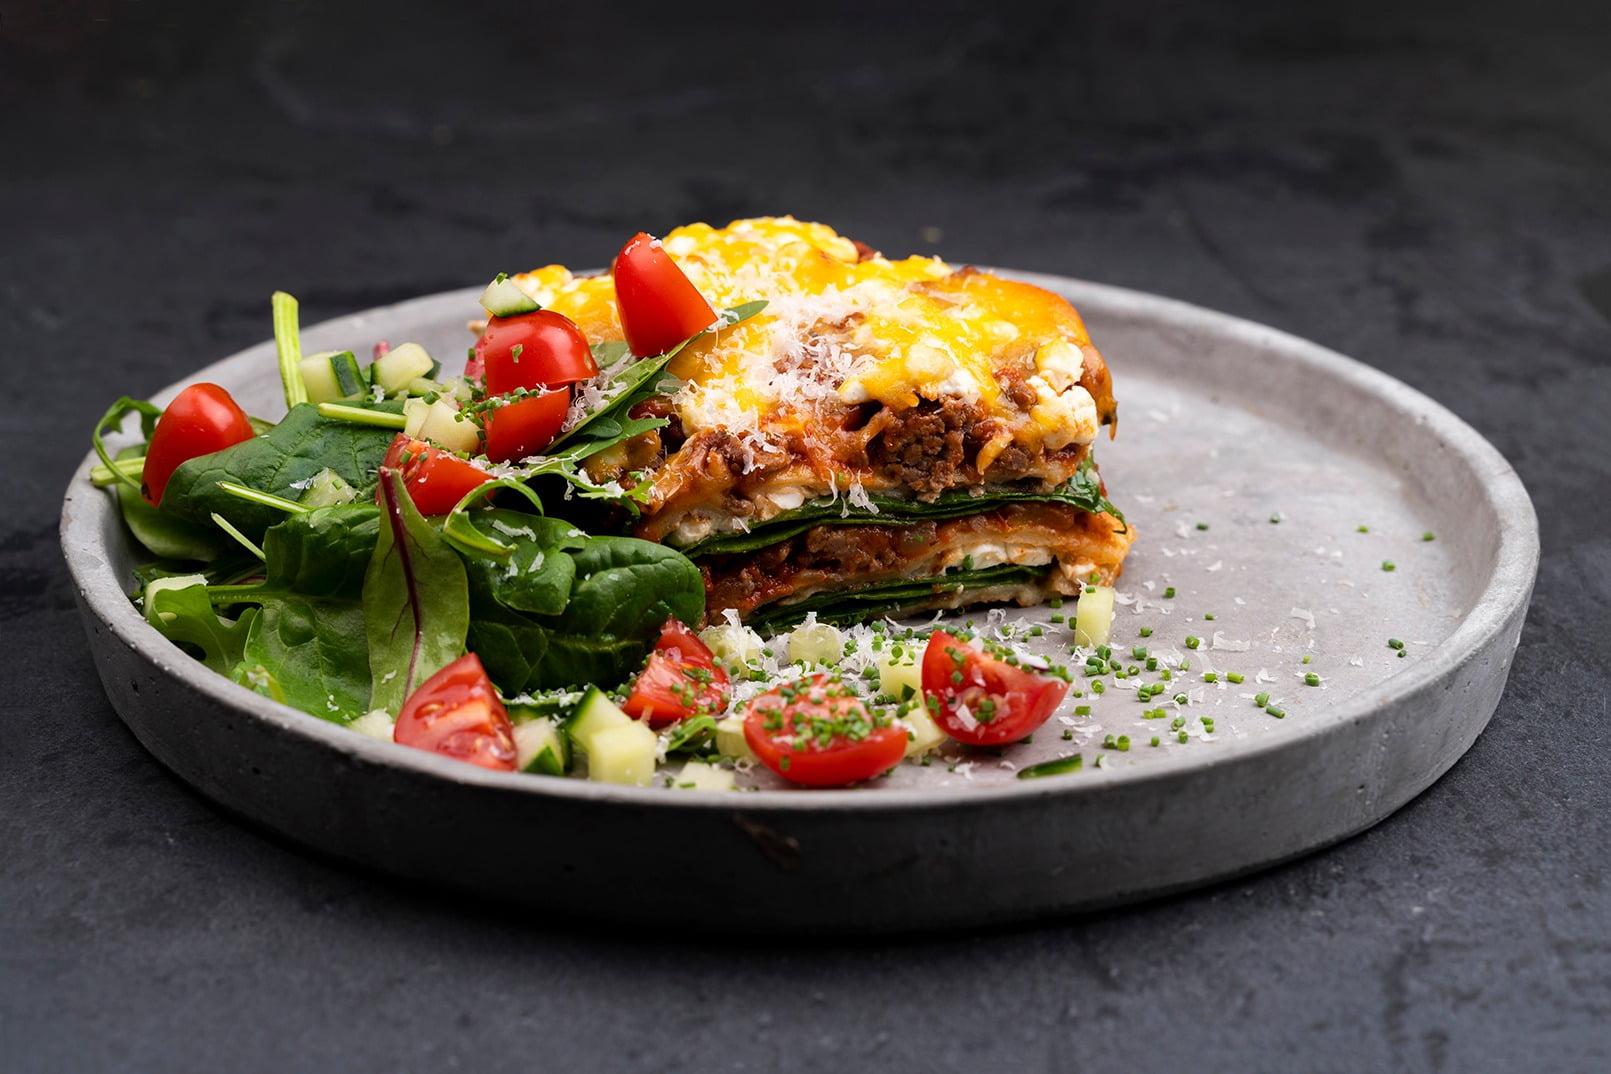 Fast food, Leaf vegetable, Fines herbes, Tableware, Ingredient, Recipe, Plate, Dish, Cuisine